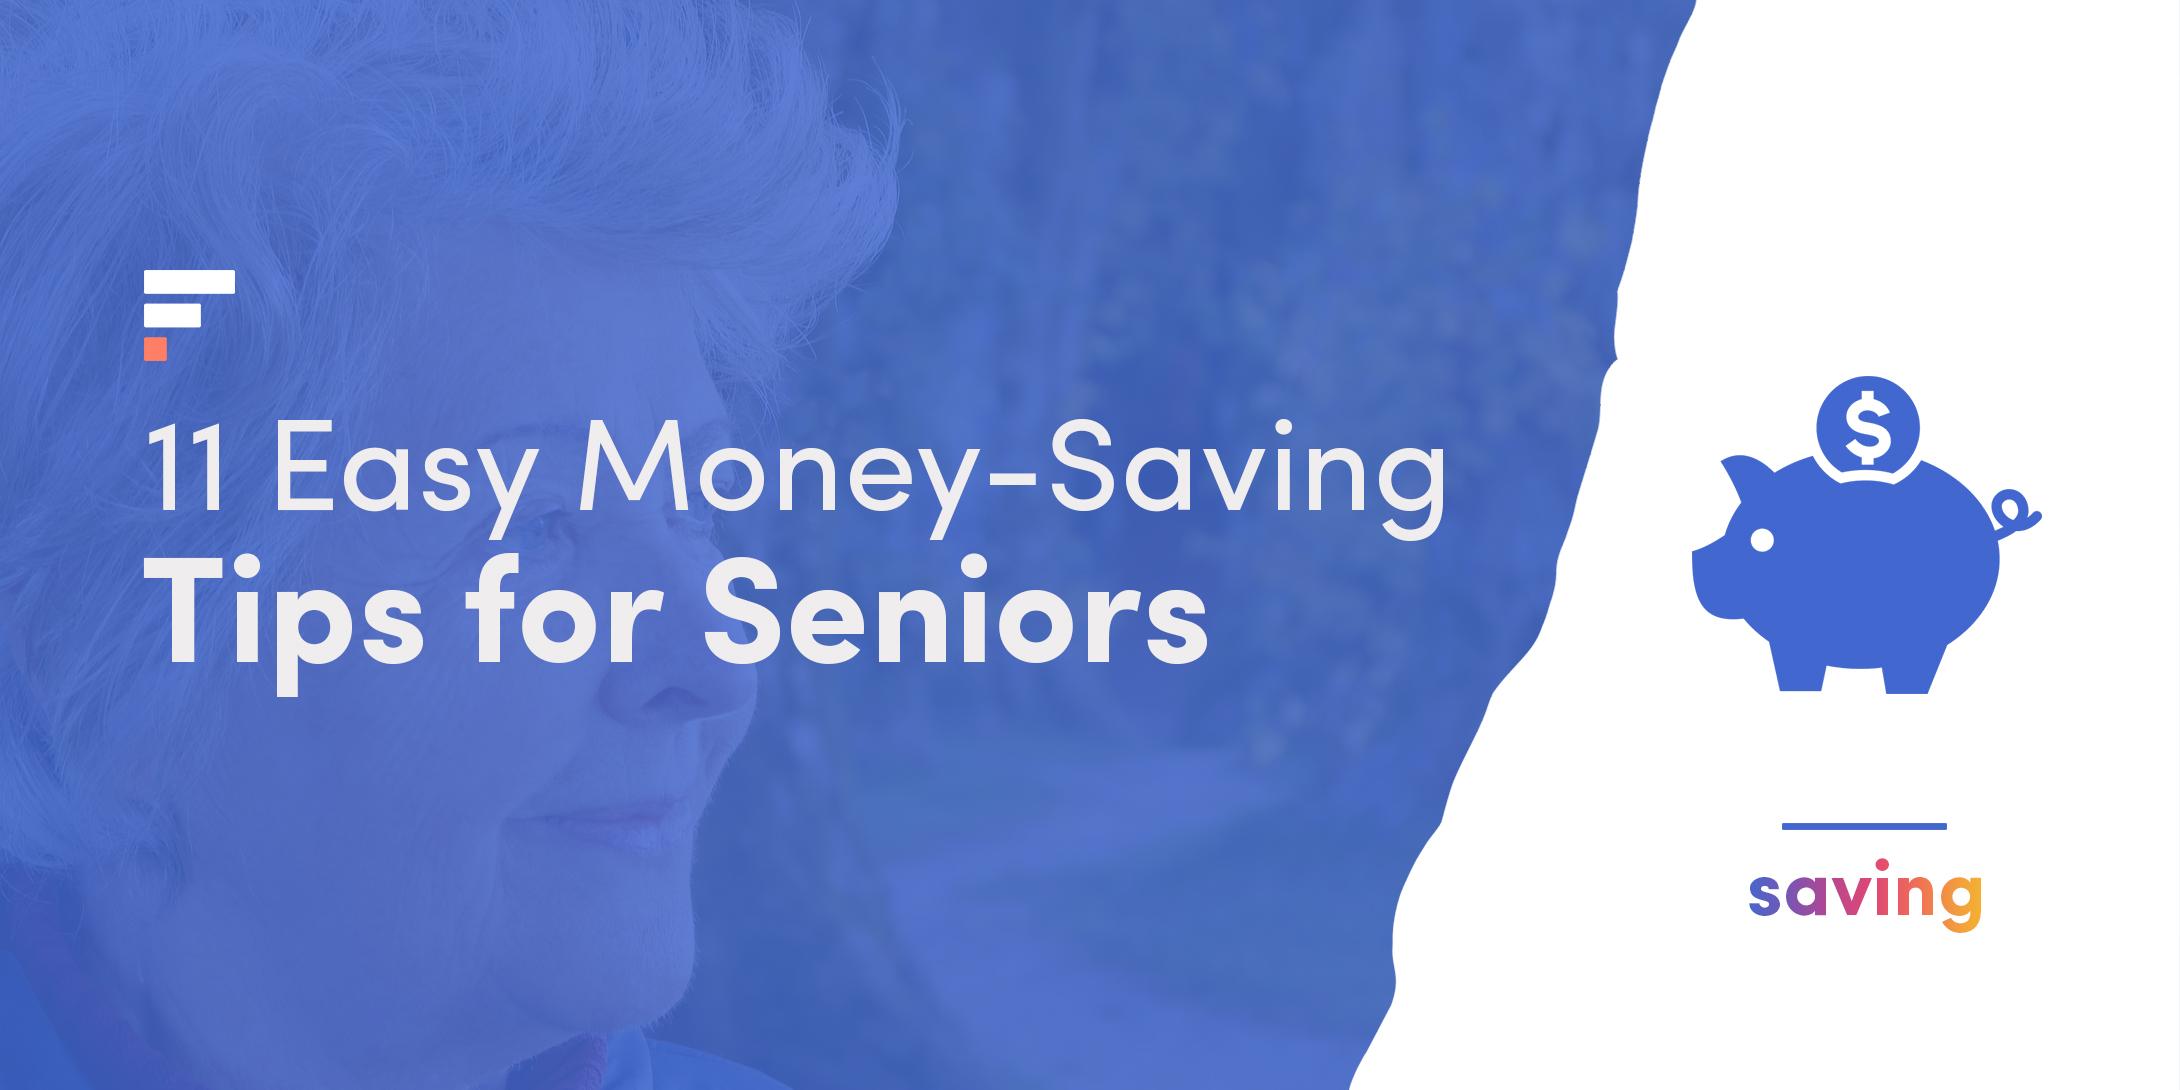 11 Easy Money-Saving Tips for Seniors